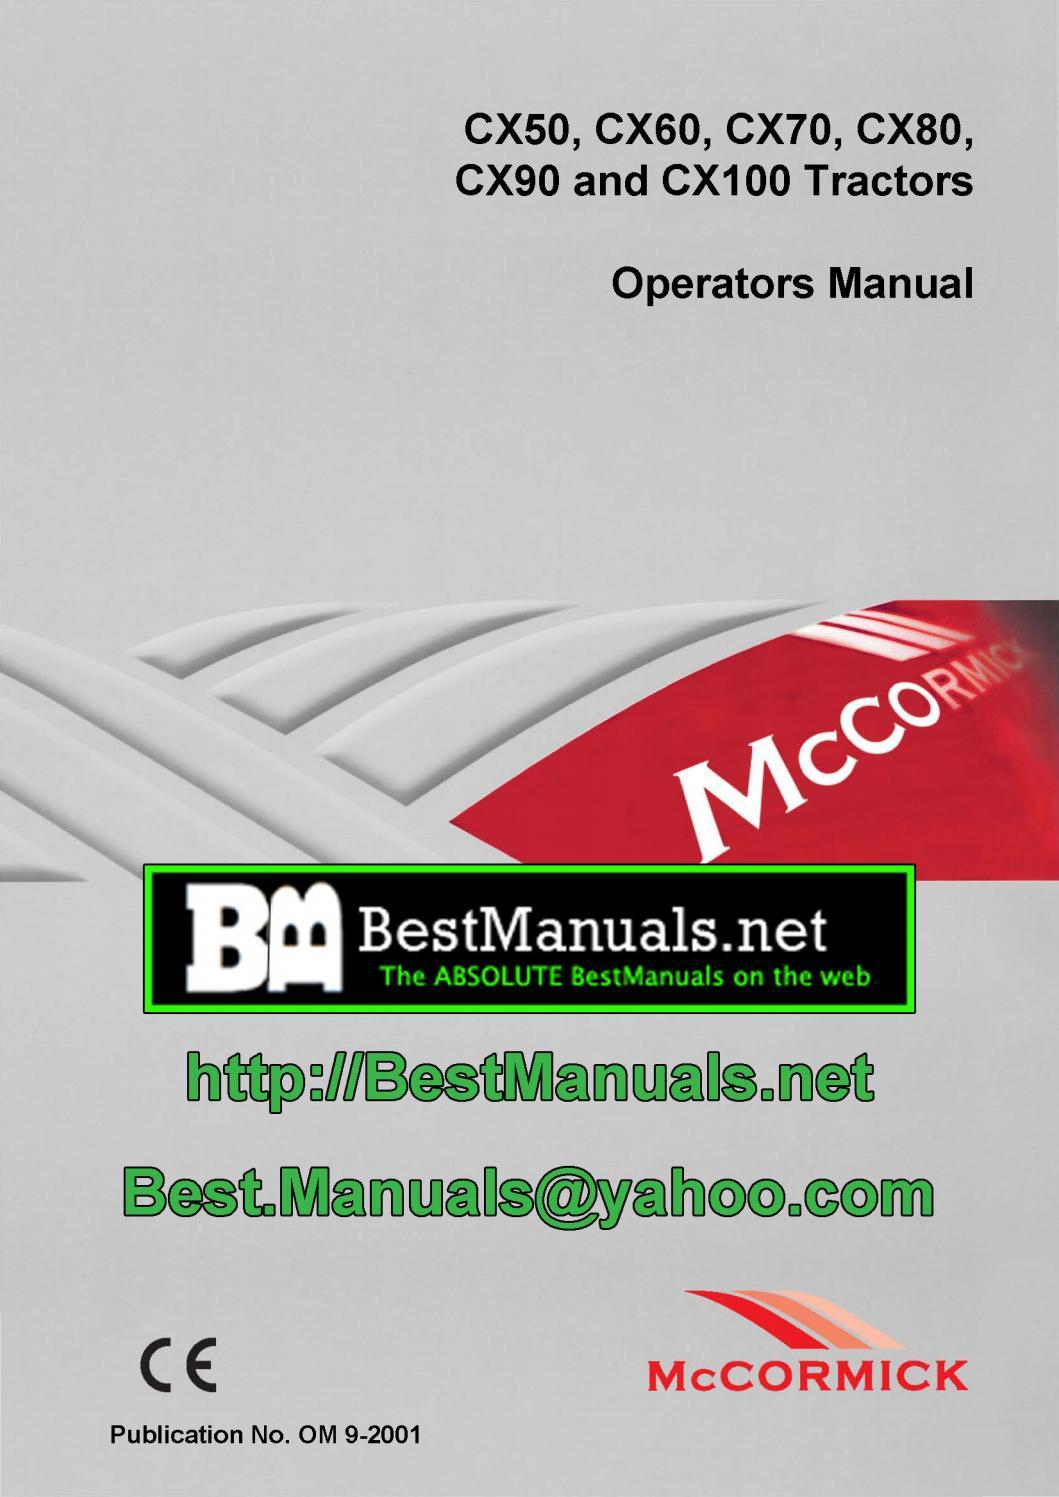 McCormick C70,C80,C90,C100,CX90,CX100,MC90,CX,C,MC Tractor Oil Pressure Switch